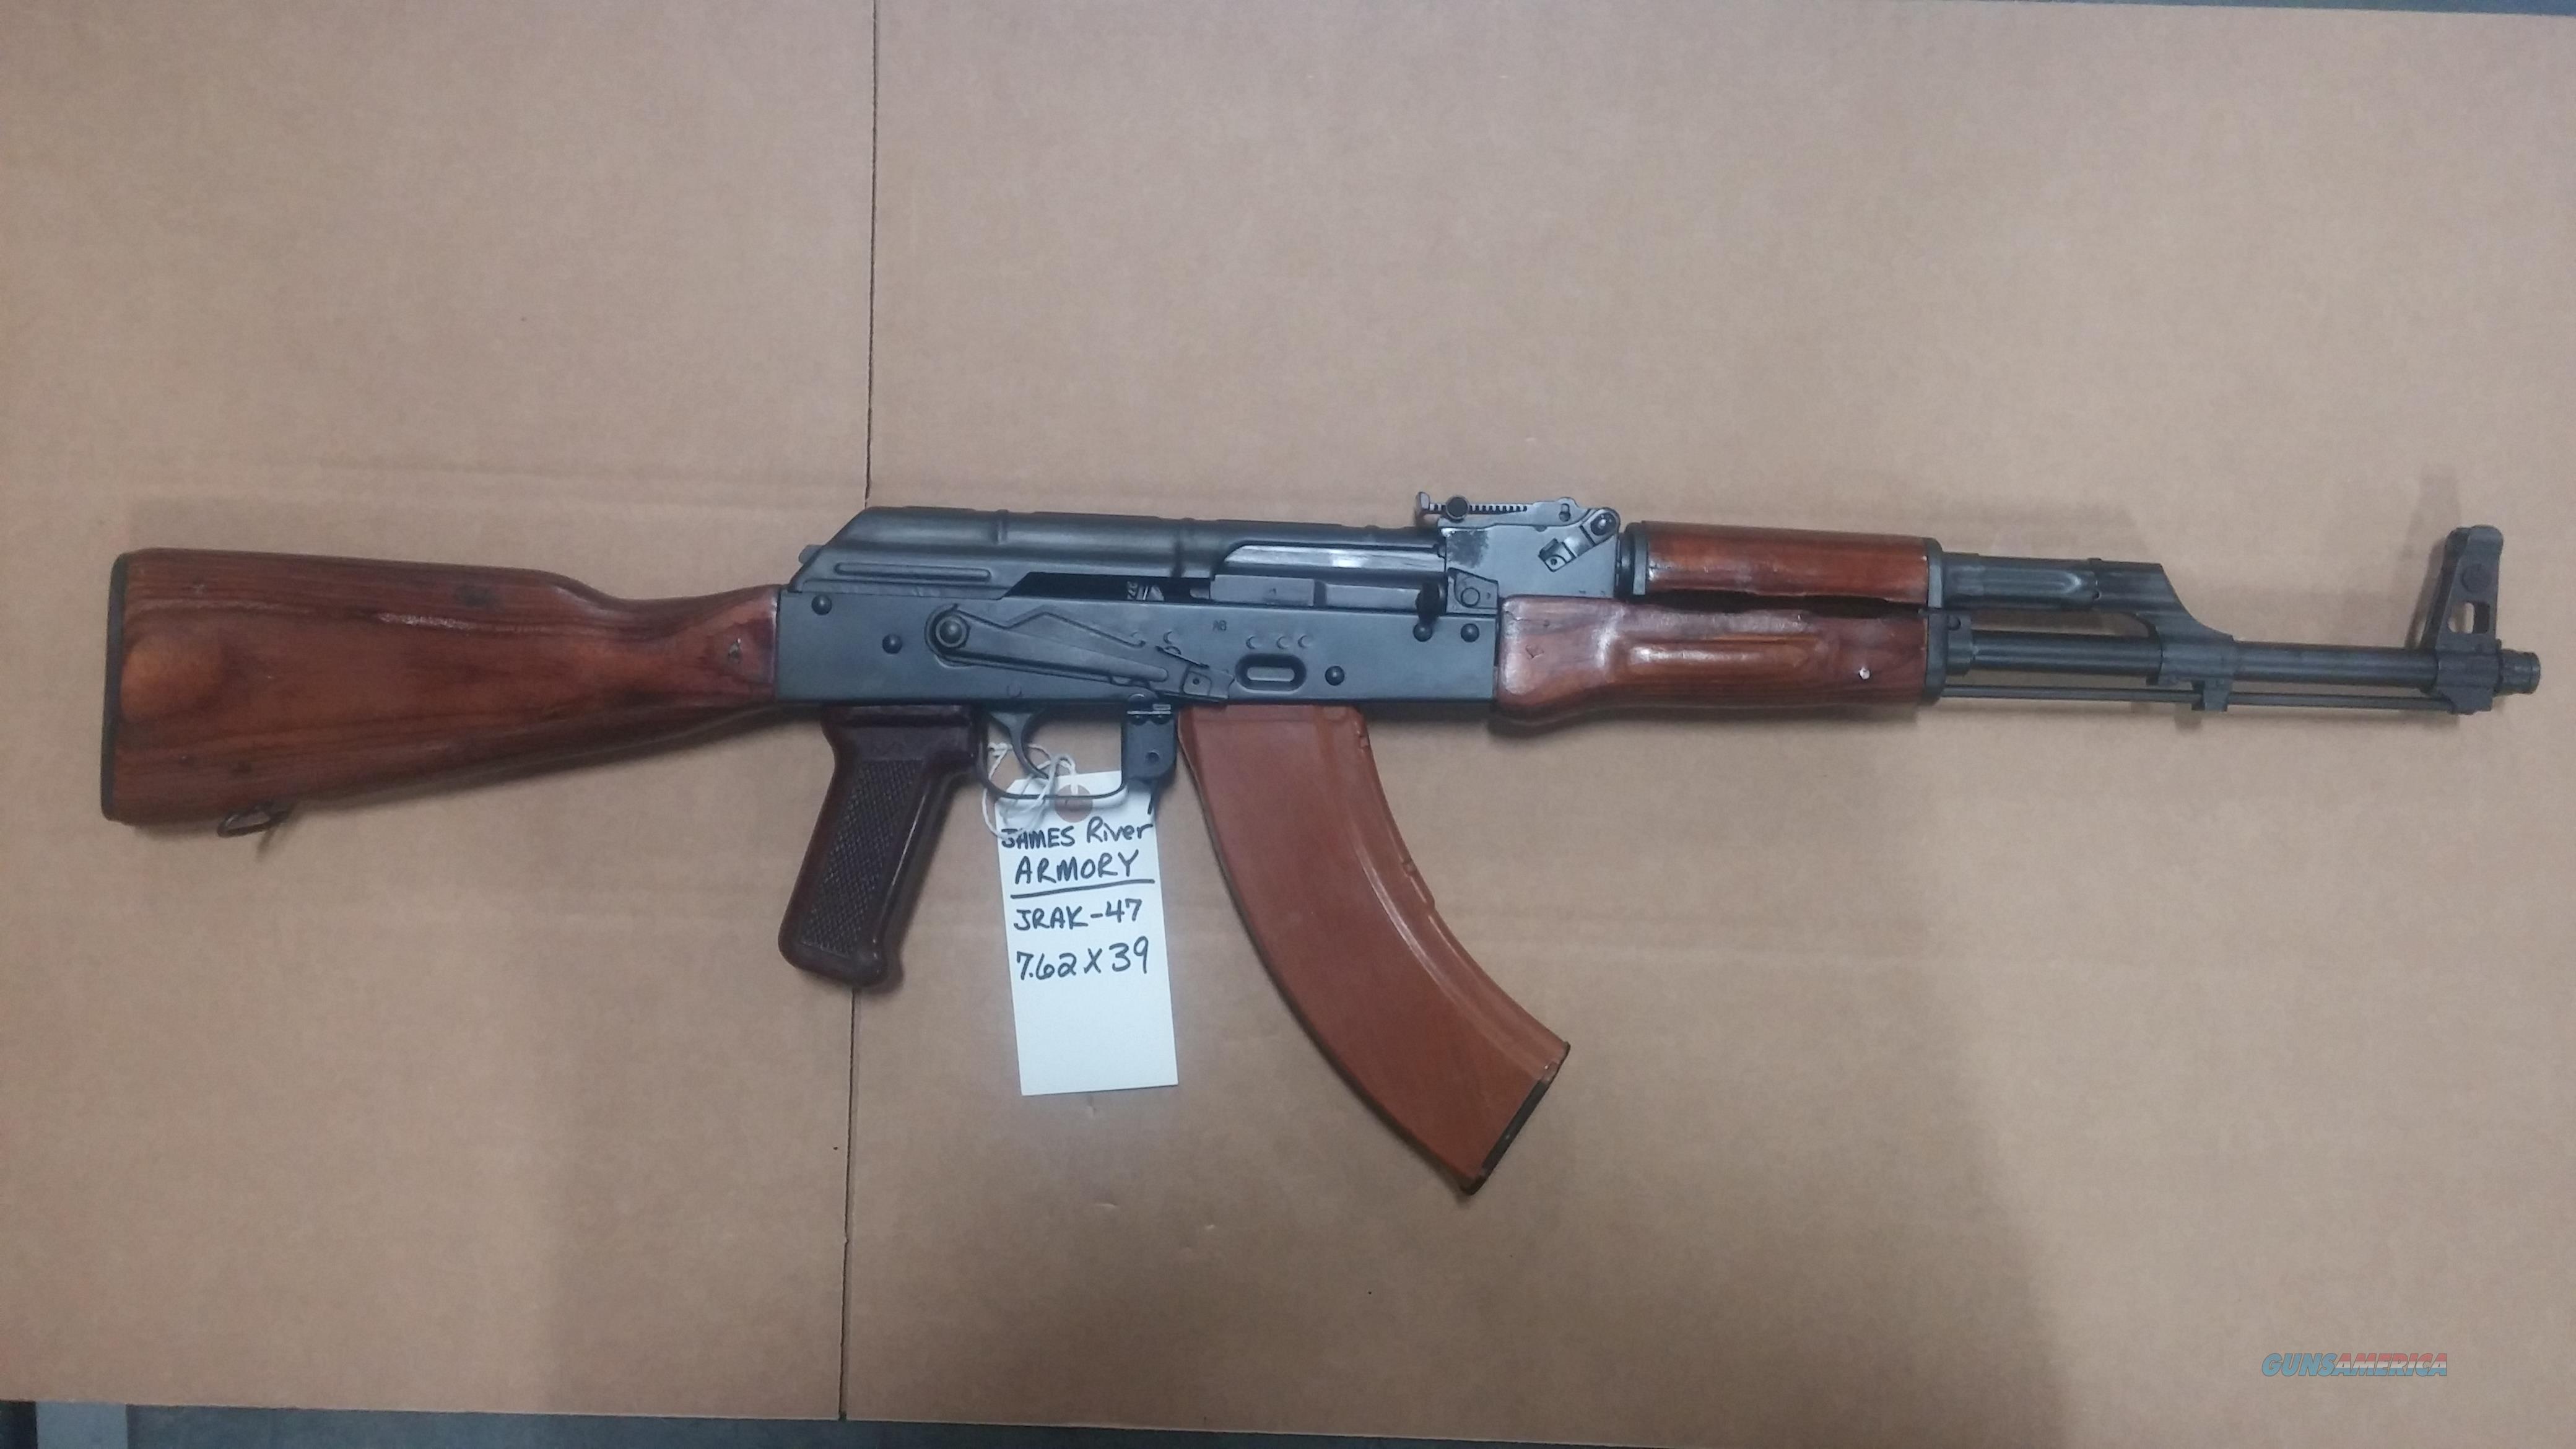 1968 RUSSIAN IZZY AK47 BUILT BY JAMES RIVER AK-47